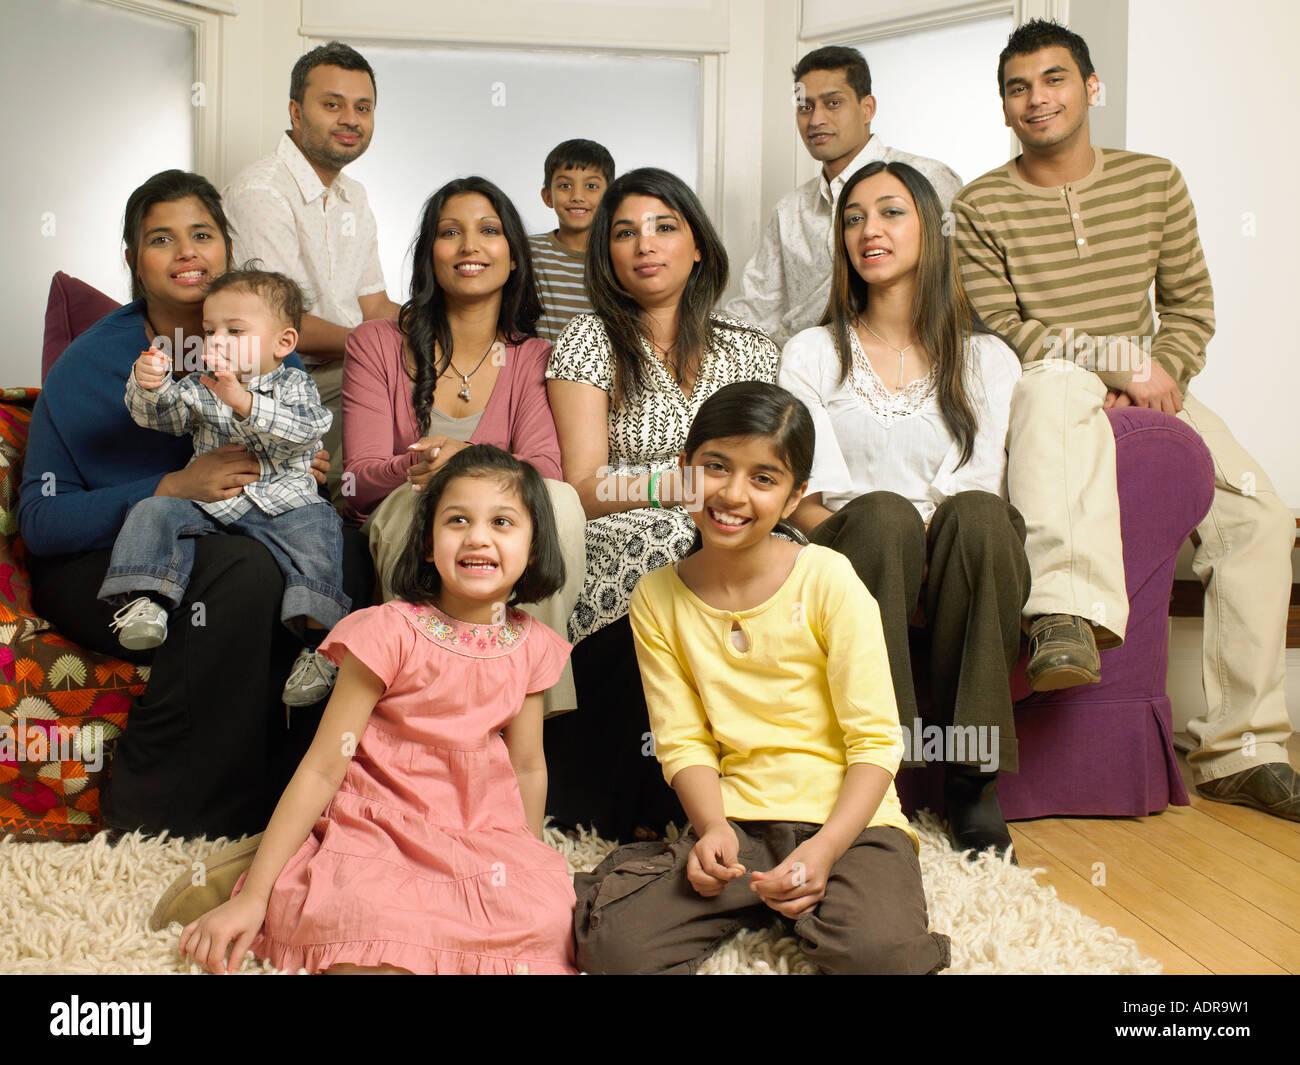 Grande famiglia indiana in salotto Immagini Stock